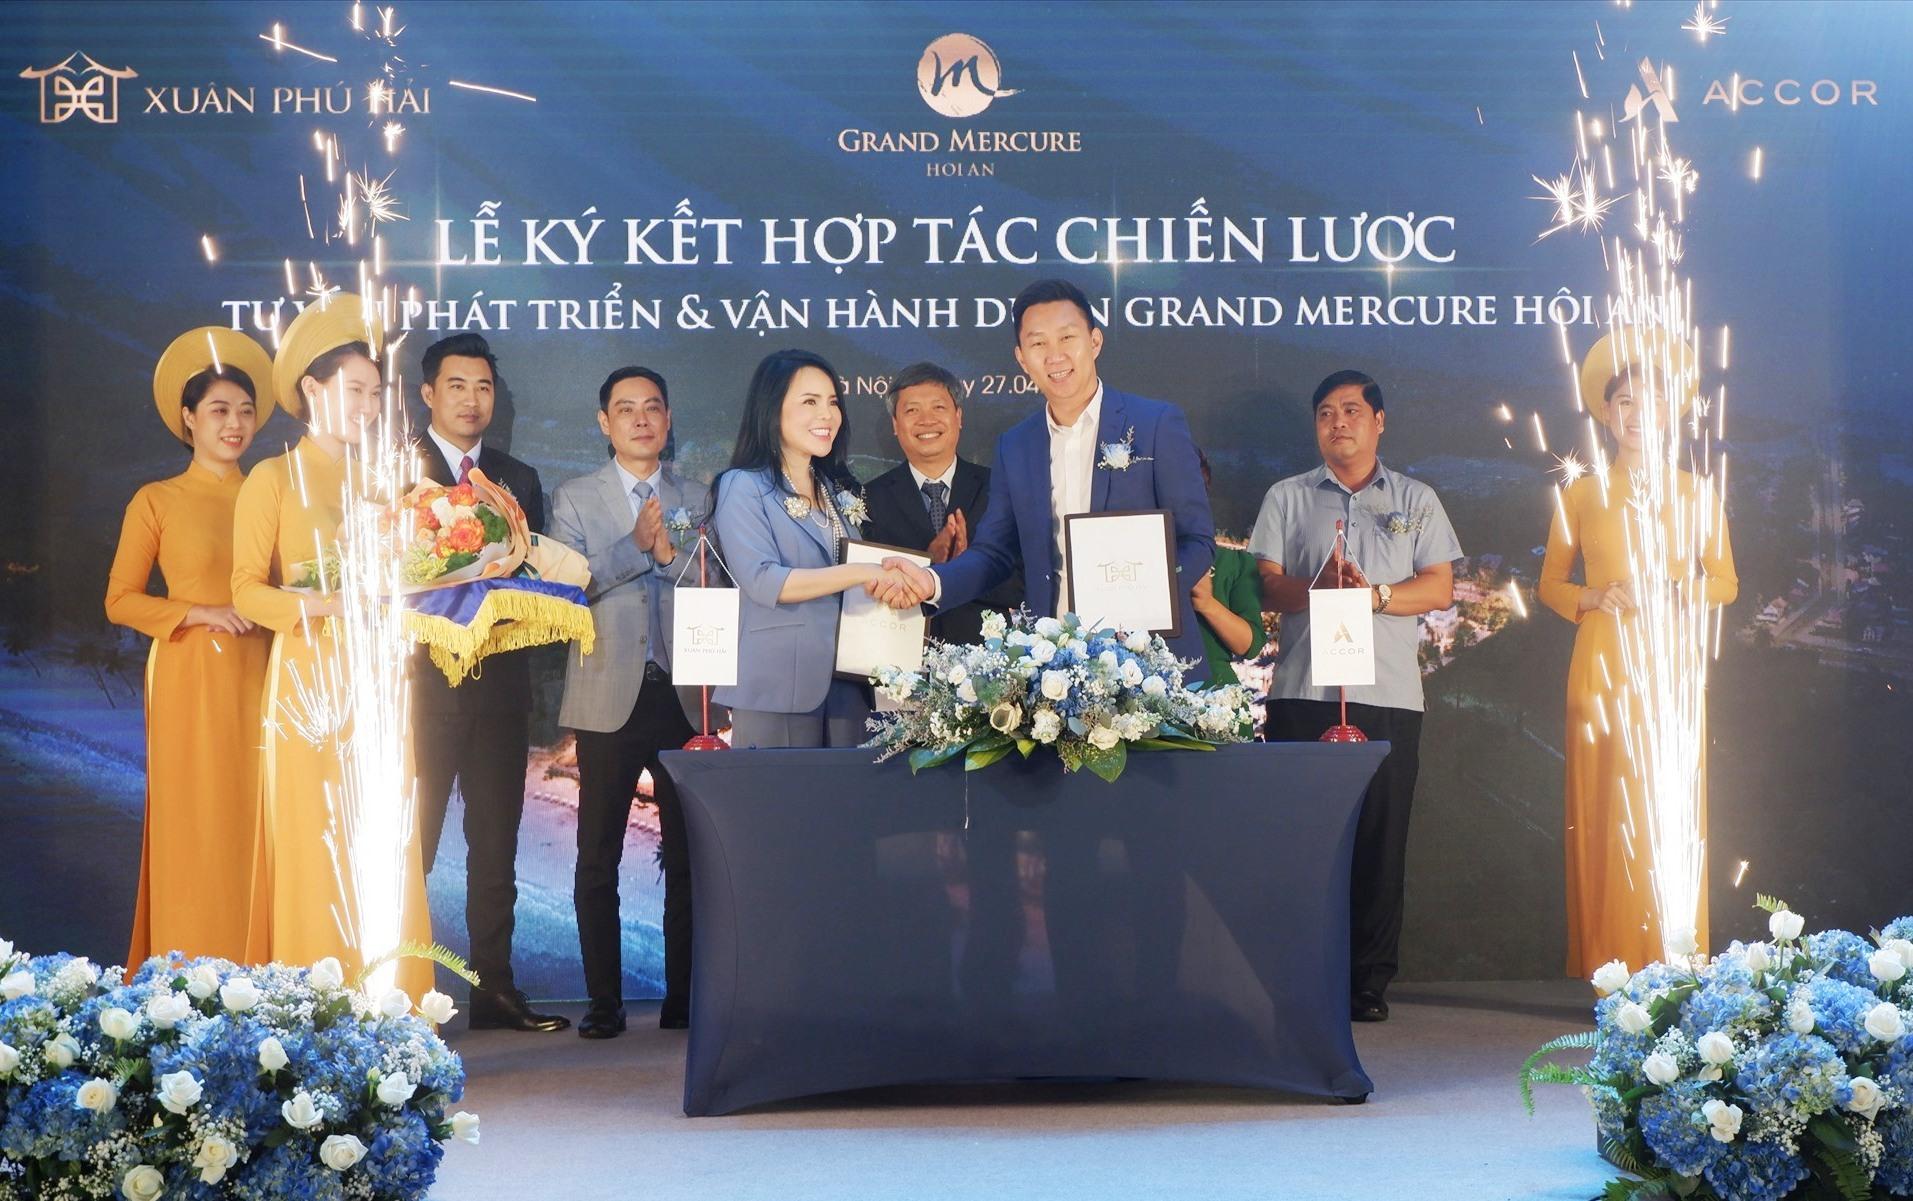 hó Chủ tịch UBND tỉnh Hồ Quang Bửu và lãnh đạo các sở, ban ngành của tỉnh chứng kiến lễ ký kết hợp tác chiến lược giữa Công ty CP Đầu tư và xây dựng Xuân Phú Hải với Tập đoàn Accor. Ảnh: Q.T